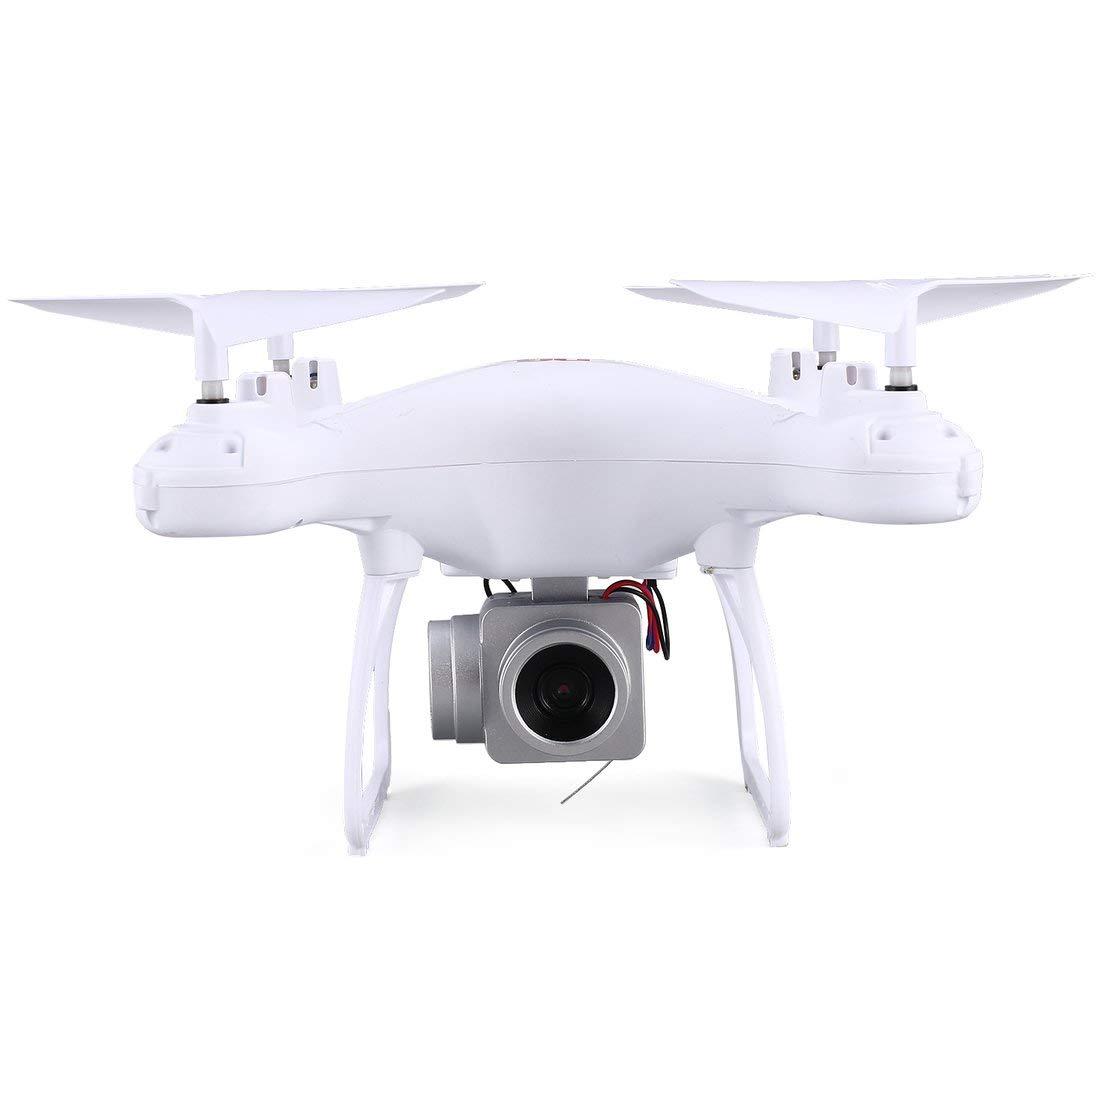 Laurelmartina XG183 2.4G RC Selfie Drone FPV Quadcopter con cámara de 0.3MP Altitud en Tiempo Real Sostener LED Flash Palabra Props Programable